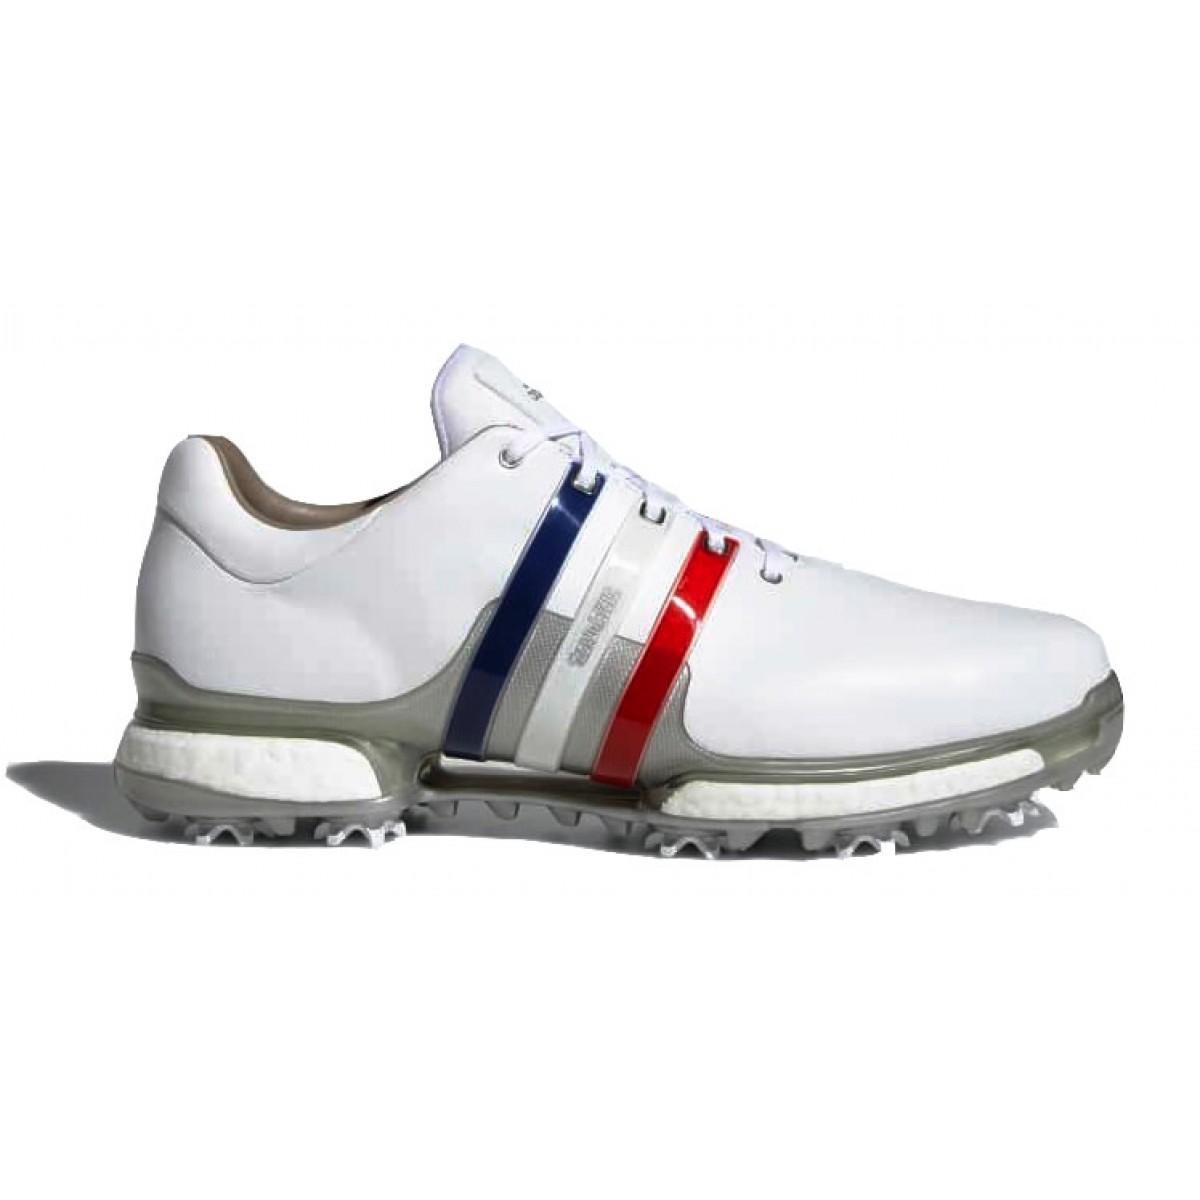 tania wyprzedaż usa brak podatku od sprzedaży niska cena Adidas Tour 360 Boost 2.0 Golf Shoes - White/Red/Blue